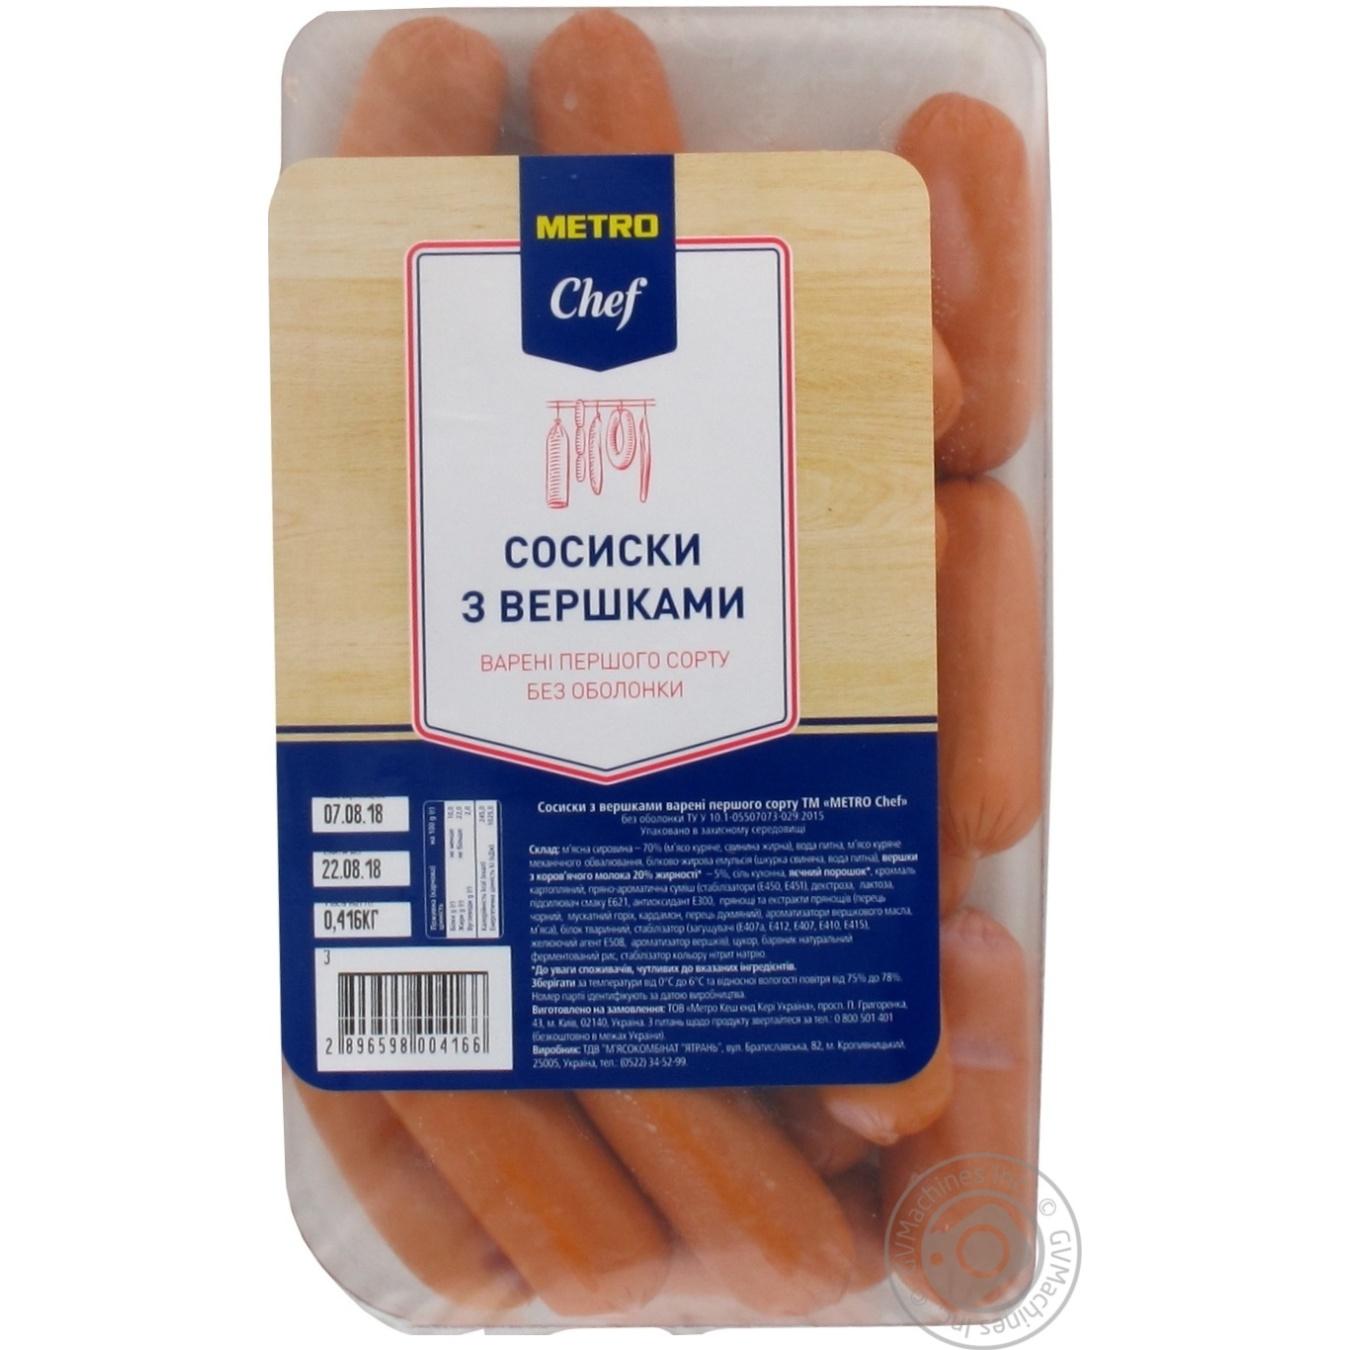 Купить Сосиски METRO Chef Со сливками вареные без оболочки 1/с